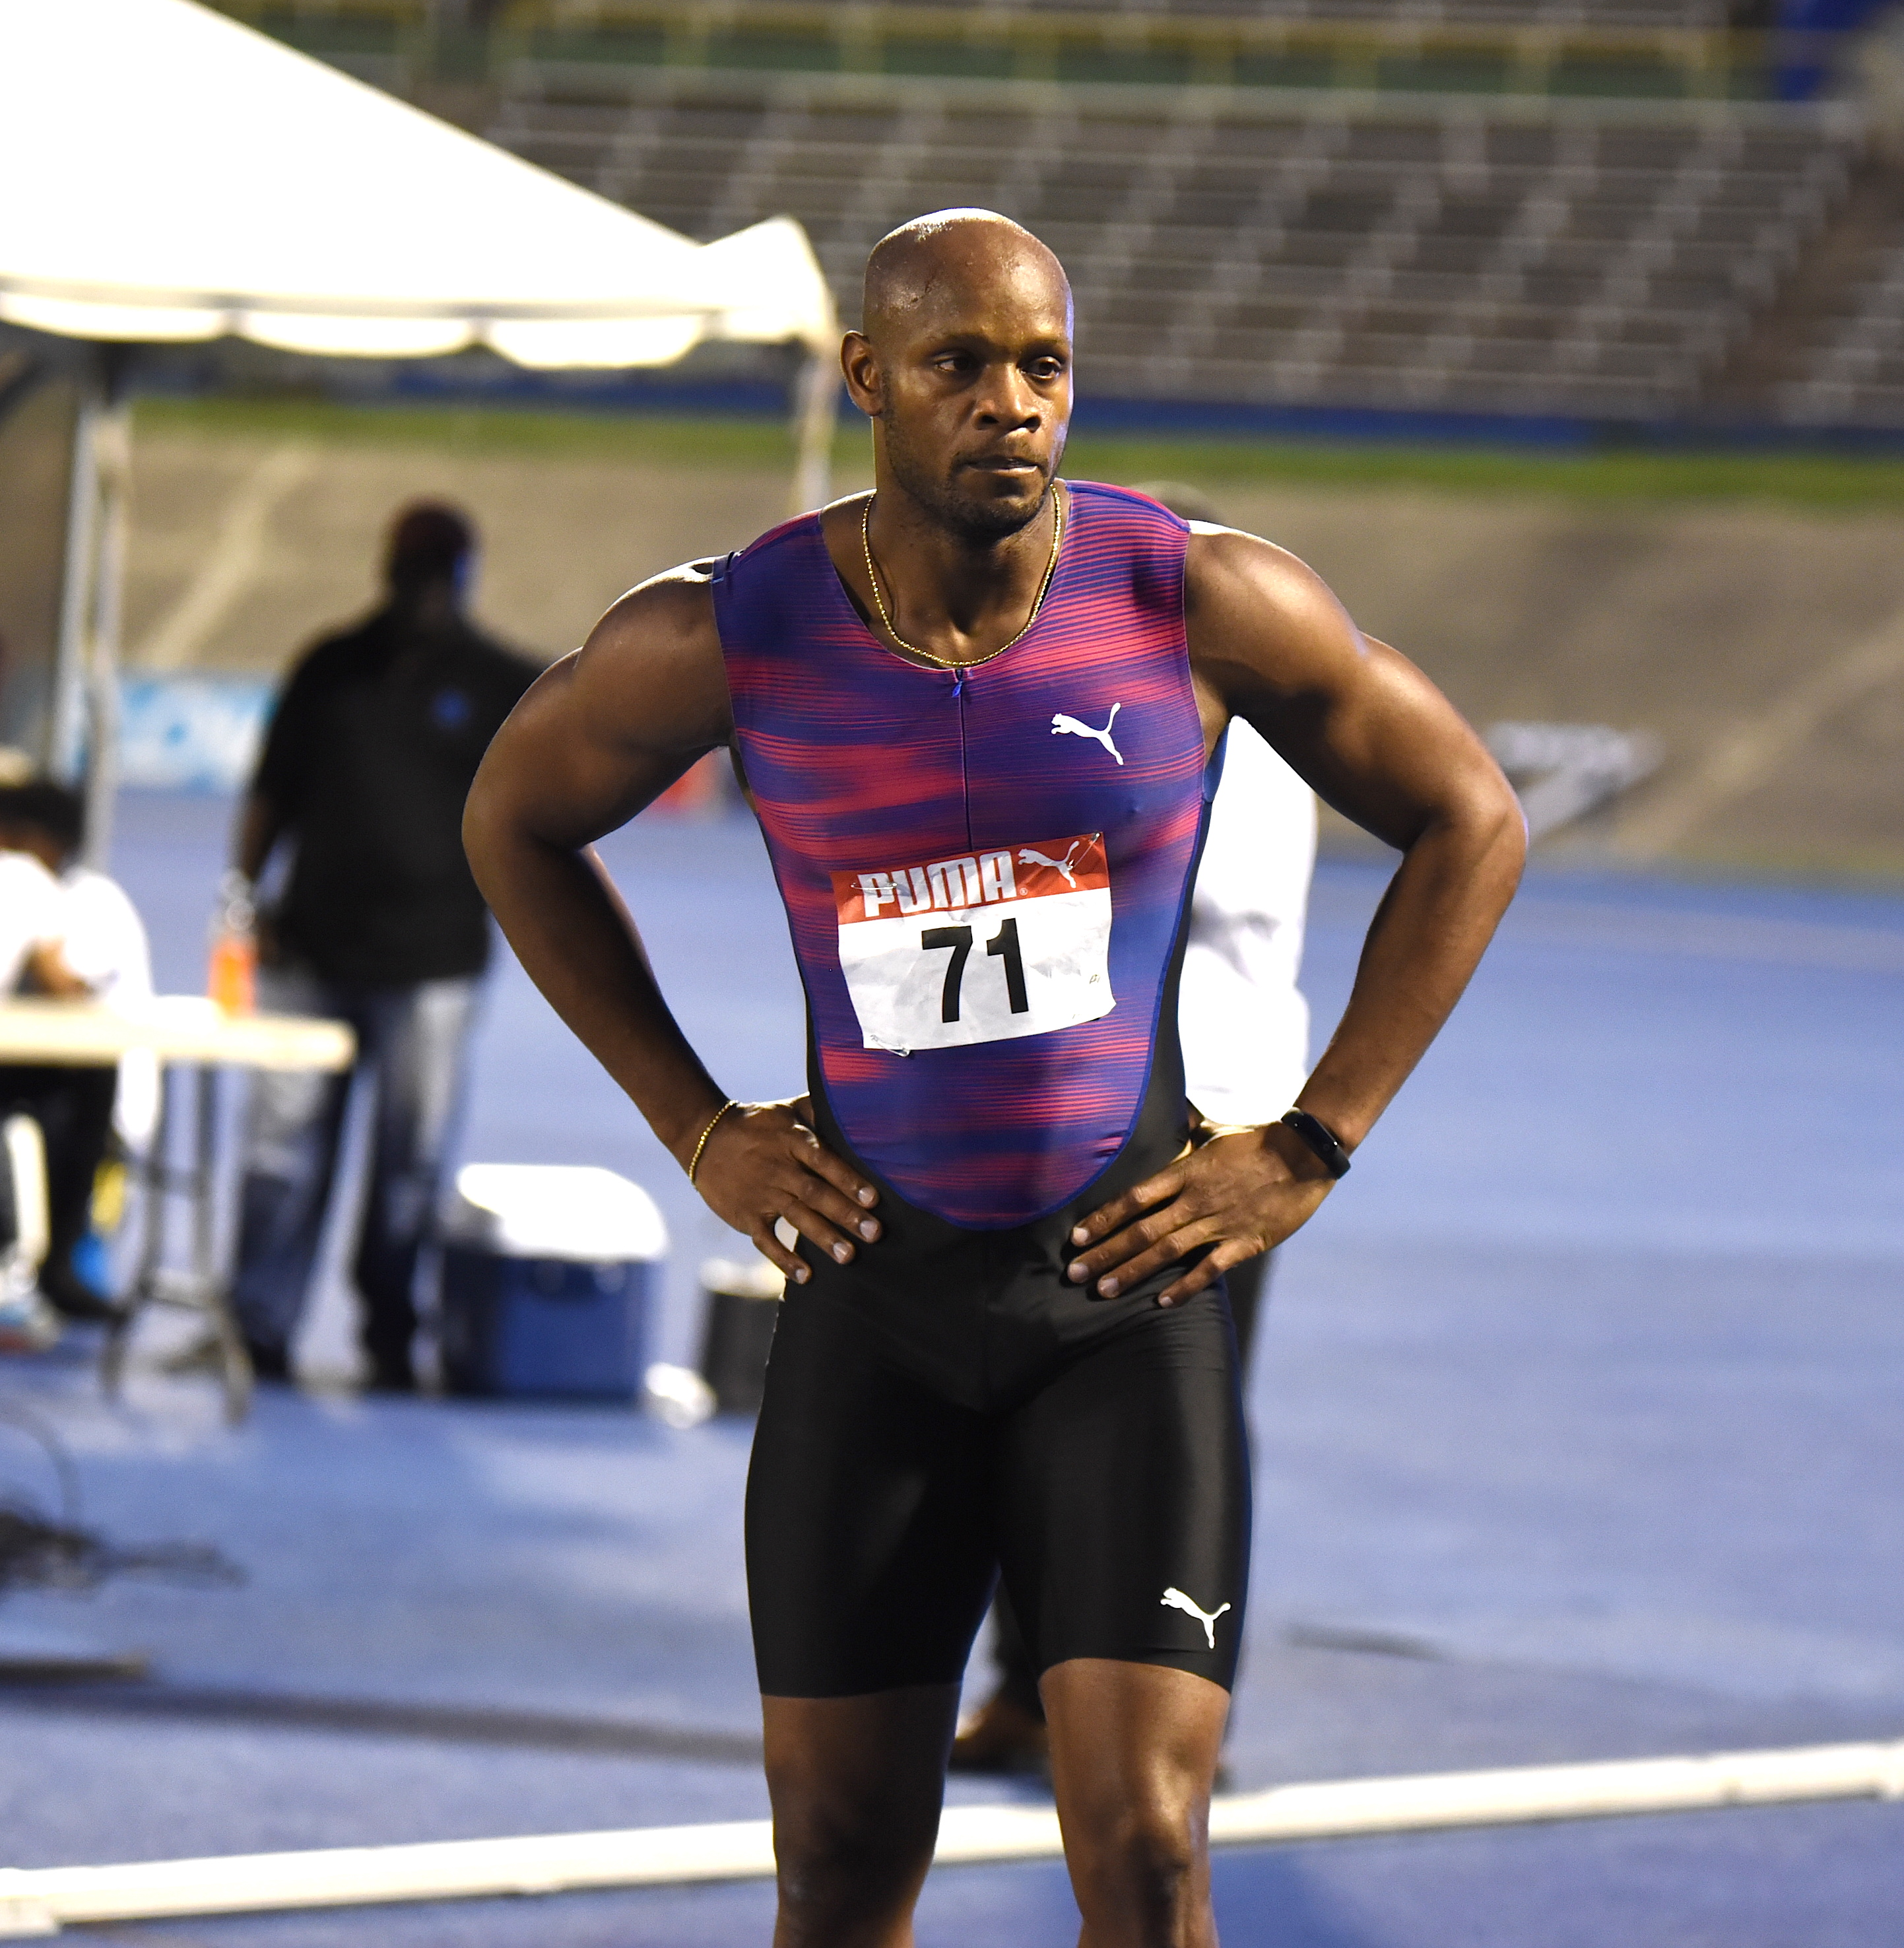 Asafa Powell to run at Meeting de Paris